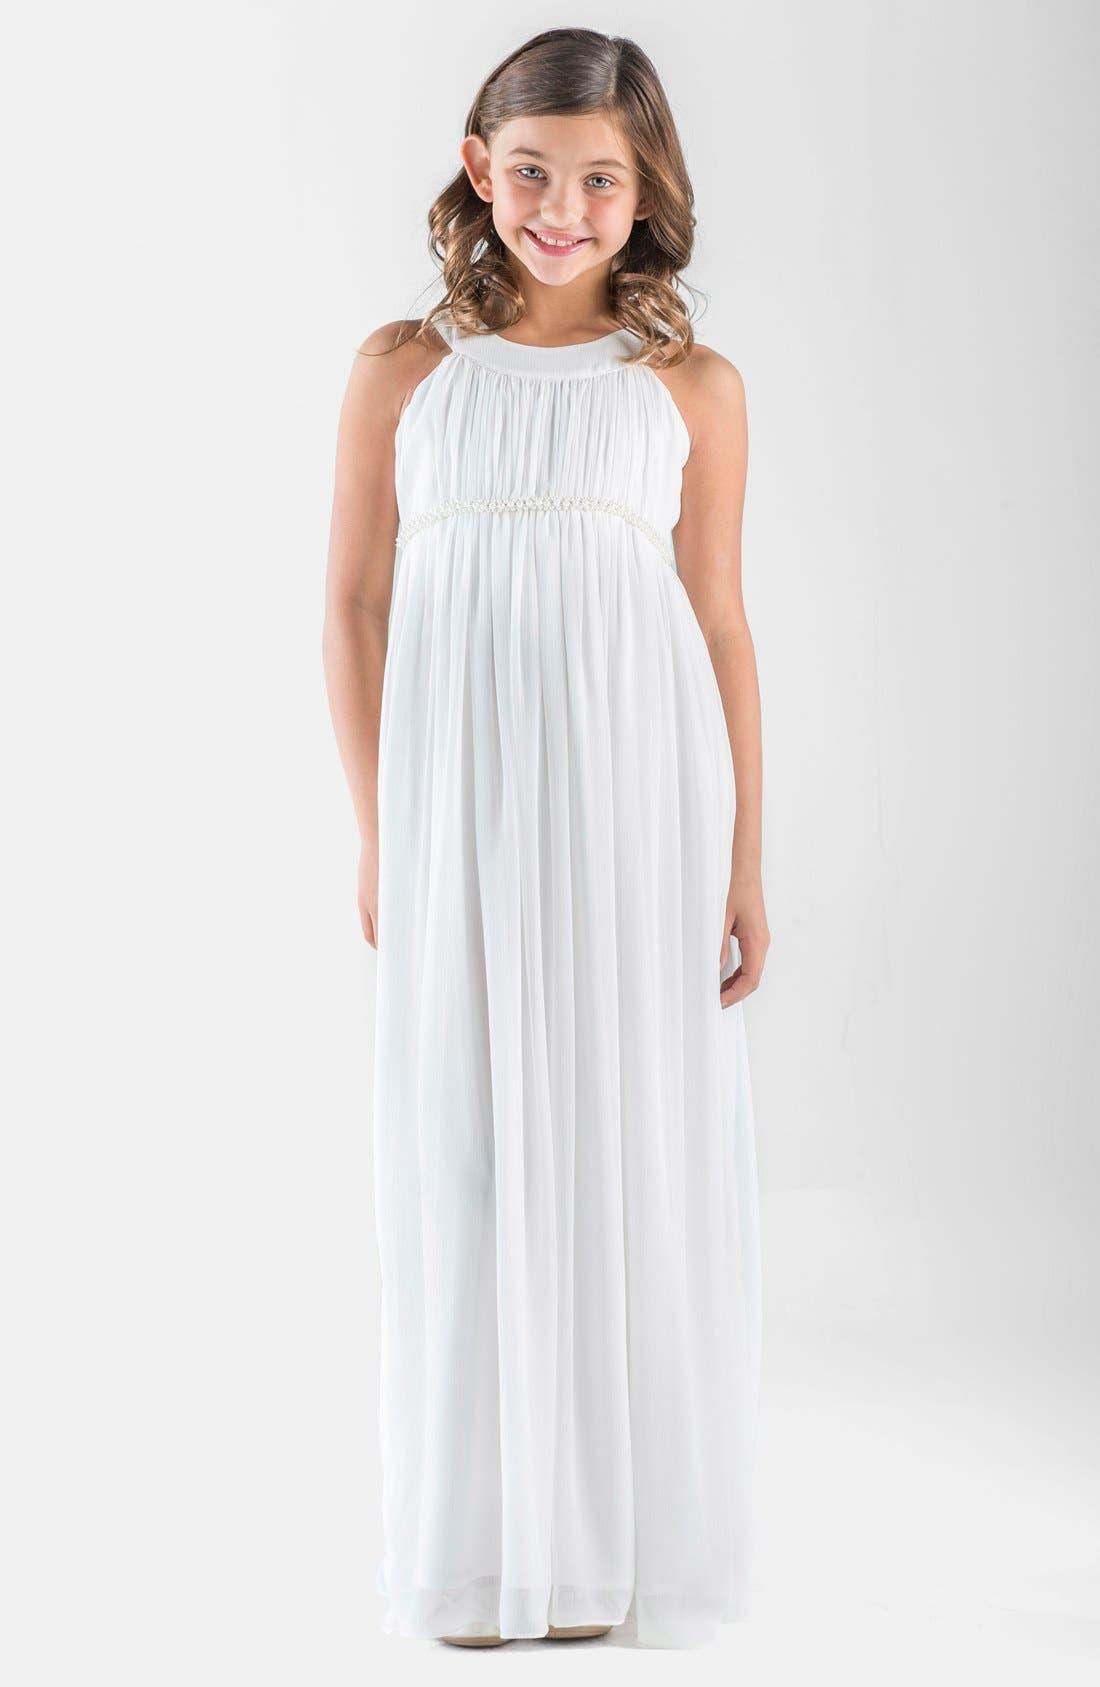 Sleeveless Chiffon Dress,                             Main thumbnail 1, color,                             IVORY